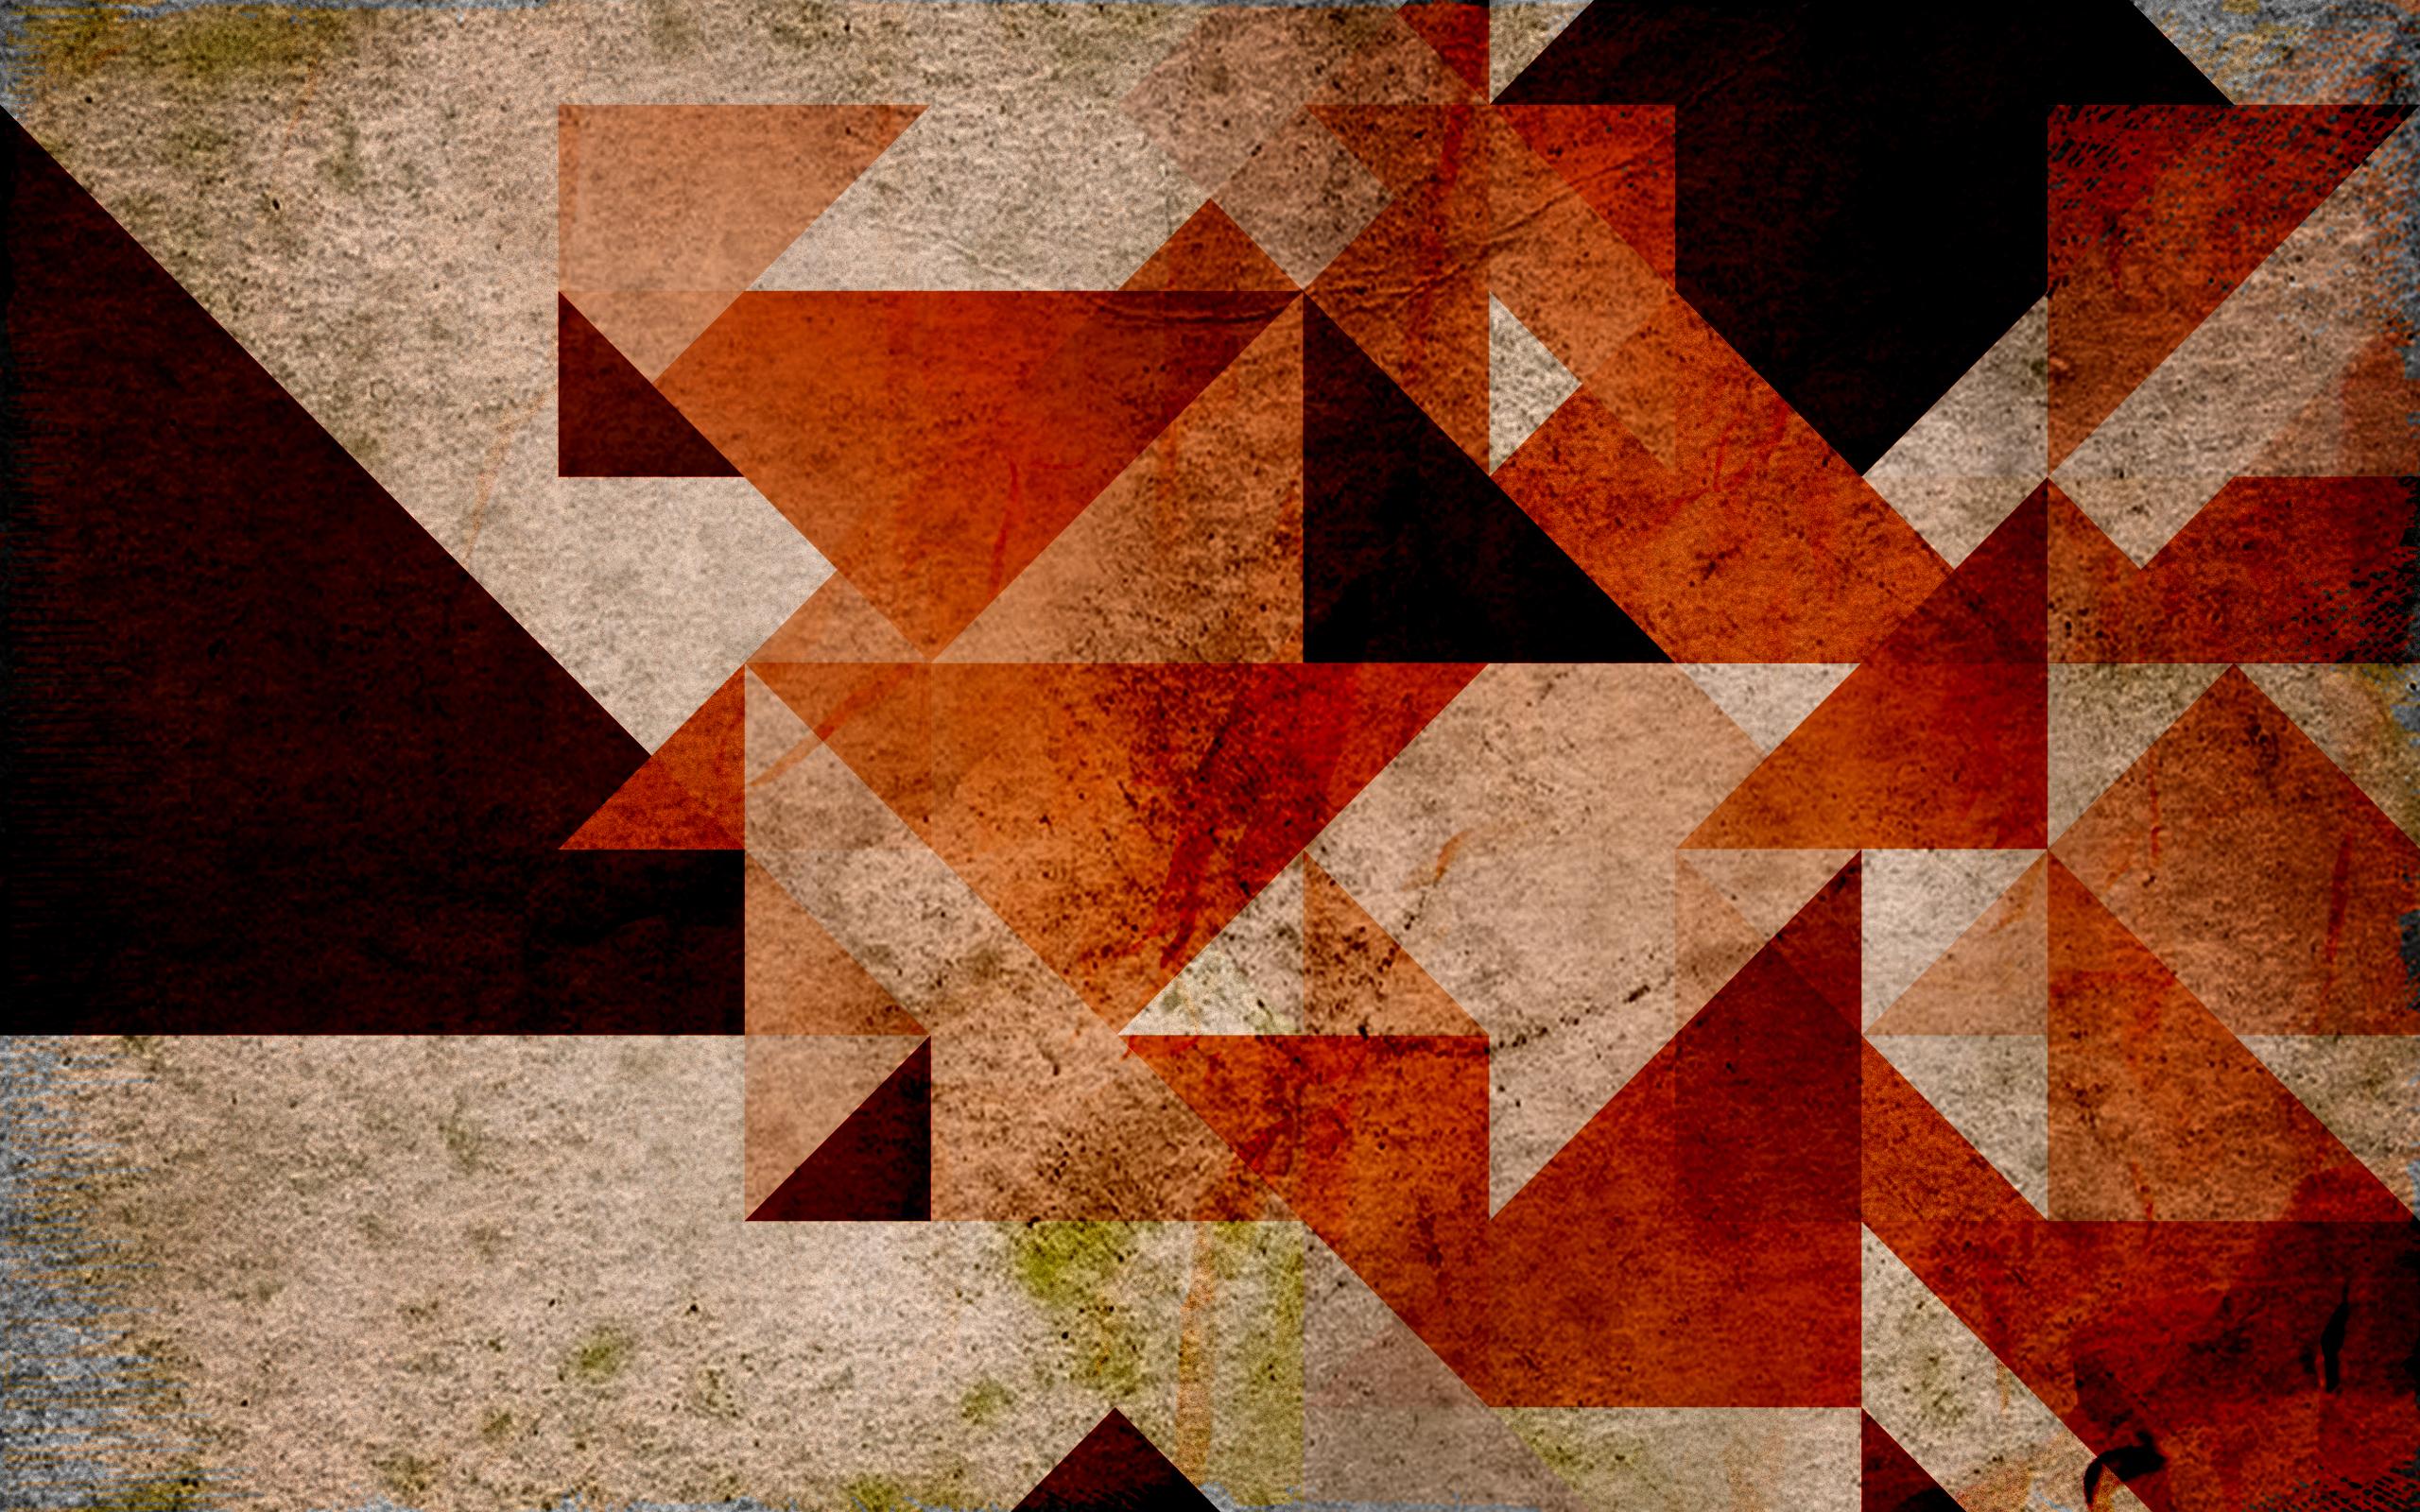 Retro Geometric Wallpaper Wallpapersafari